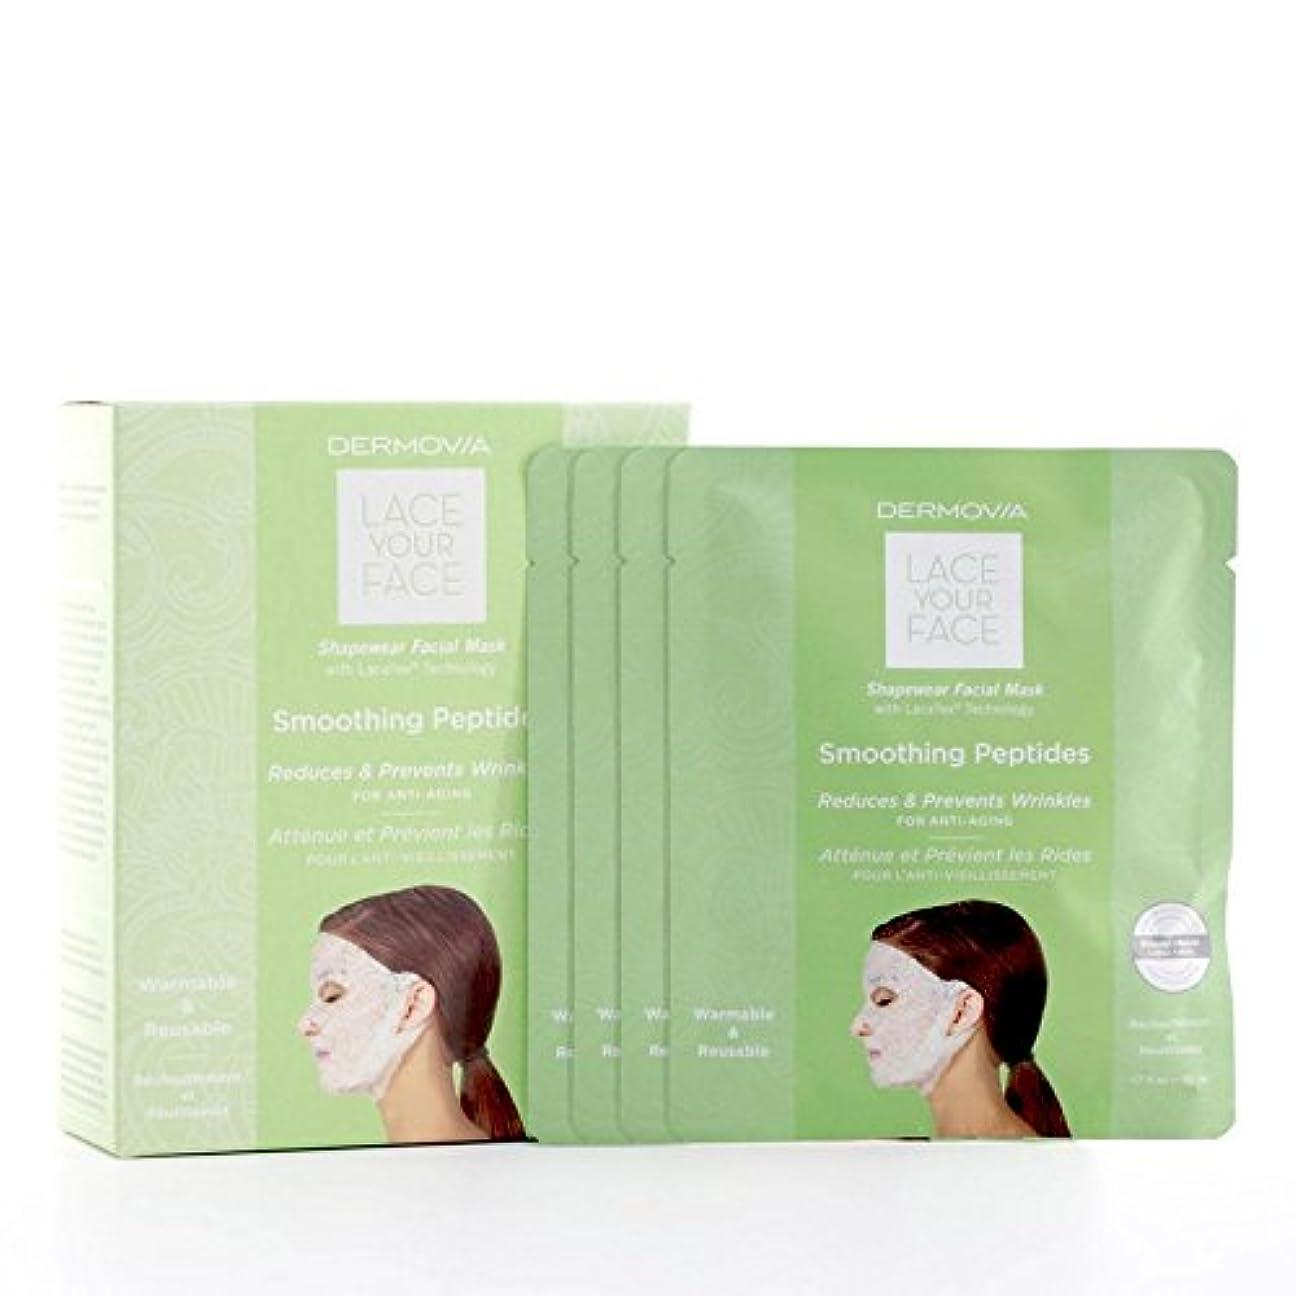 バイアス肌寒い贅沢なは、あなたの顔の圧縮フェイシャルマスク平滑化ペプチドをひもで締めます x4 - Dermovia Lace Your Face Compression Facial Mask Smoothing Peptides (Pack...